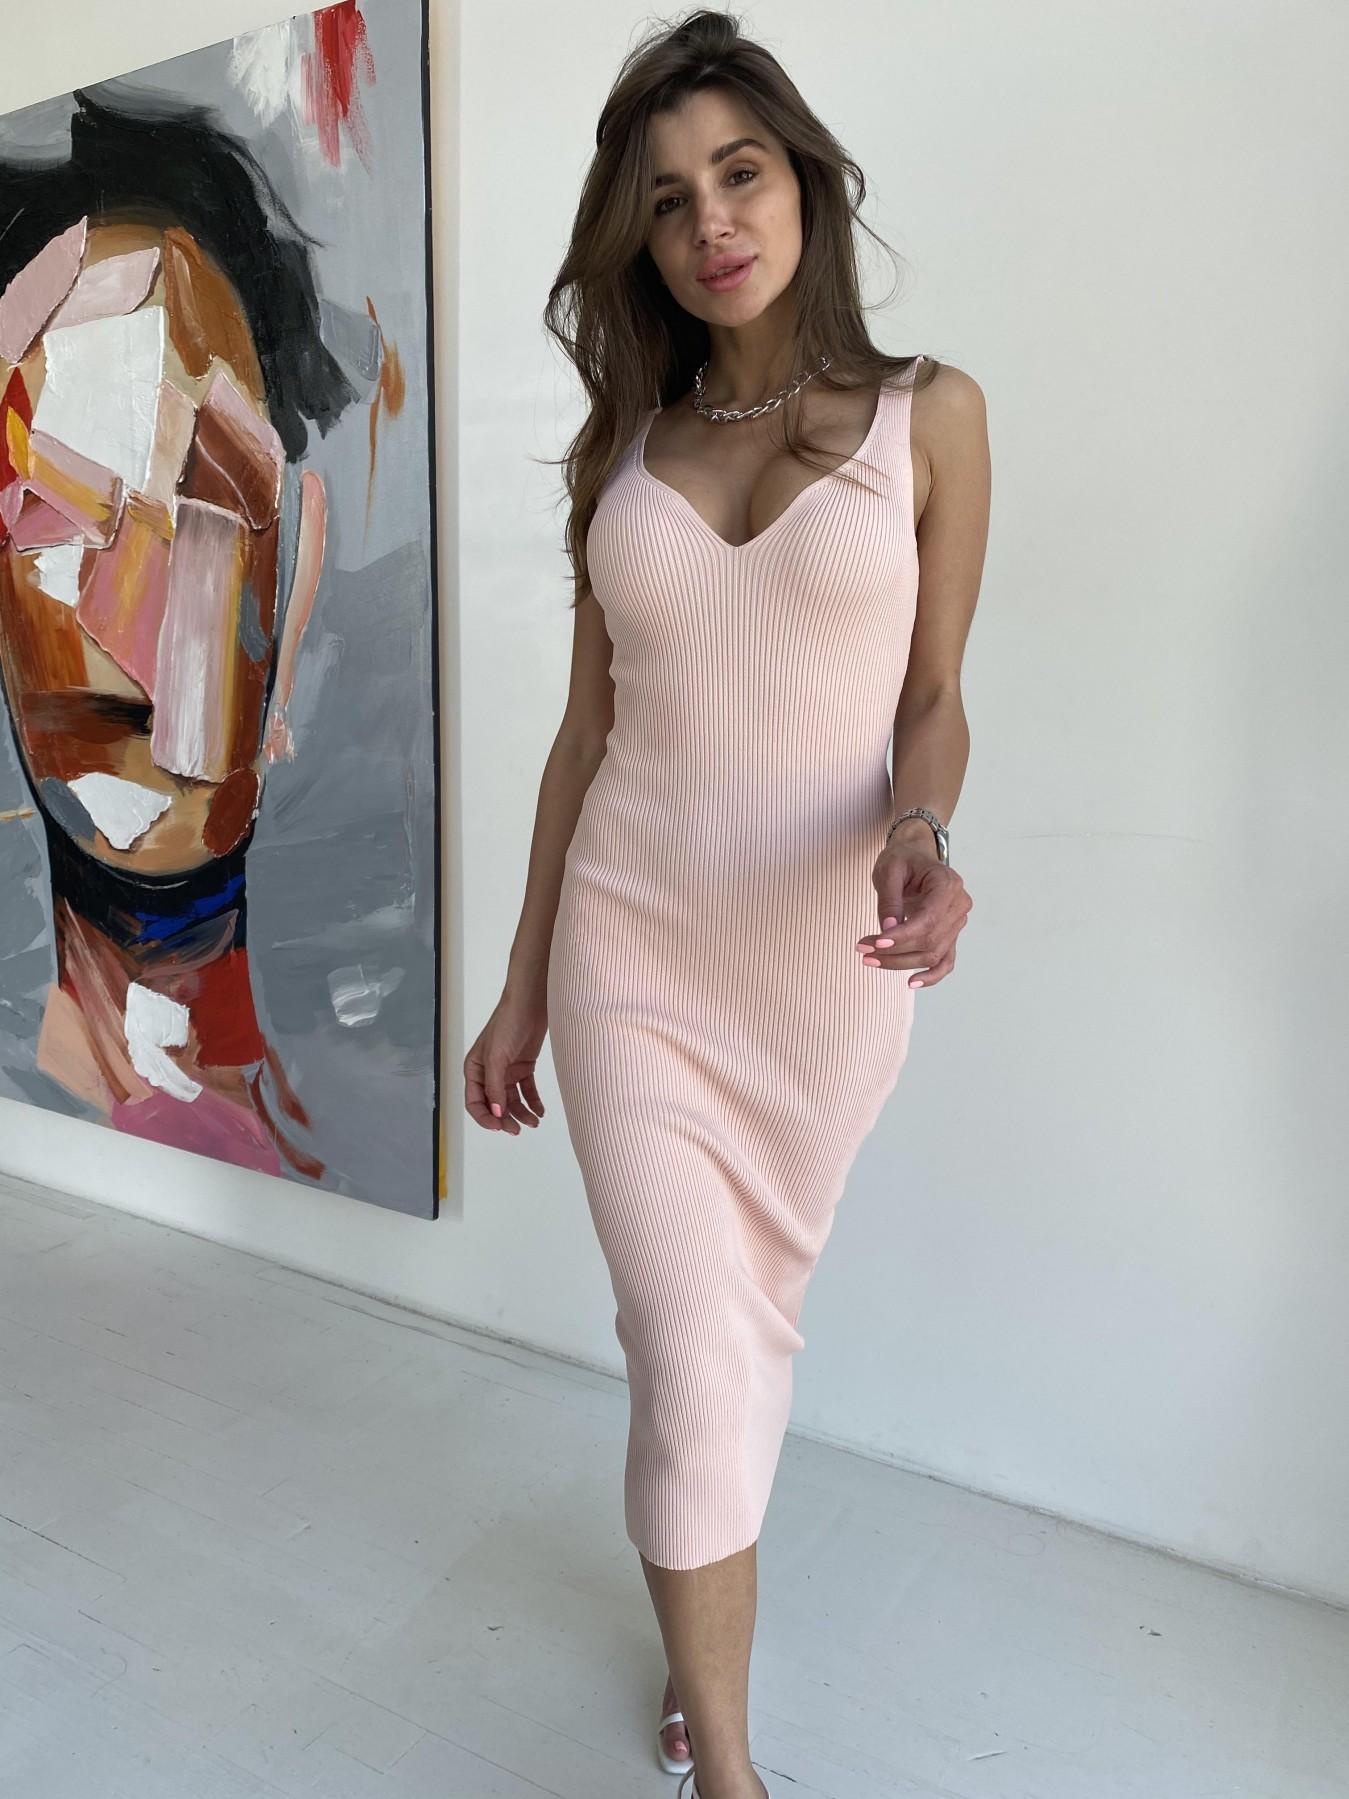 Платье 91798 АРТ. 48060 Цвет: Пудра - фото 5, интернет магазин tm-modus.ru